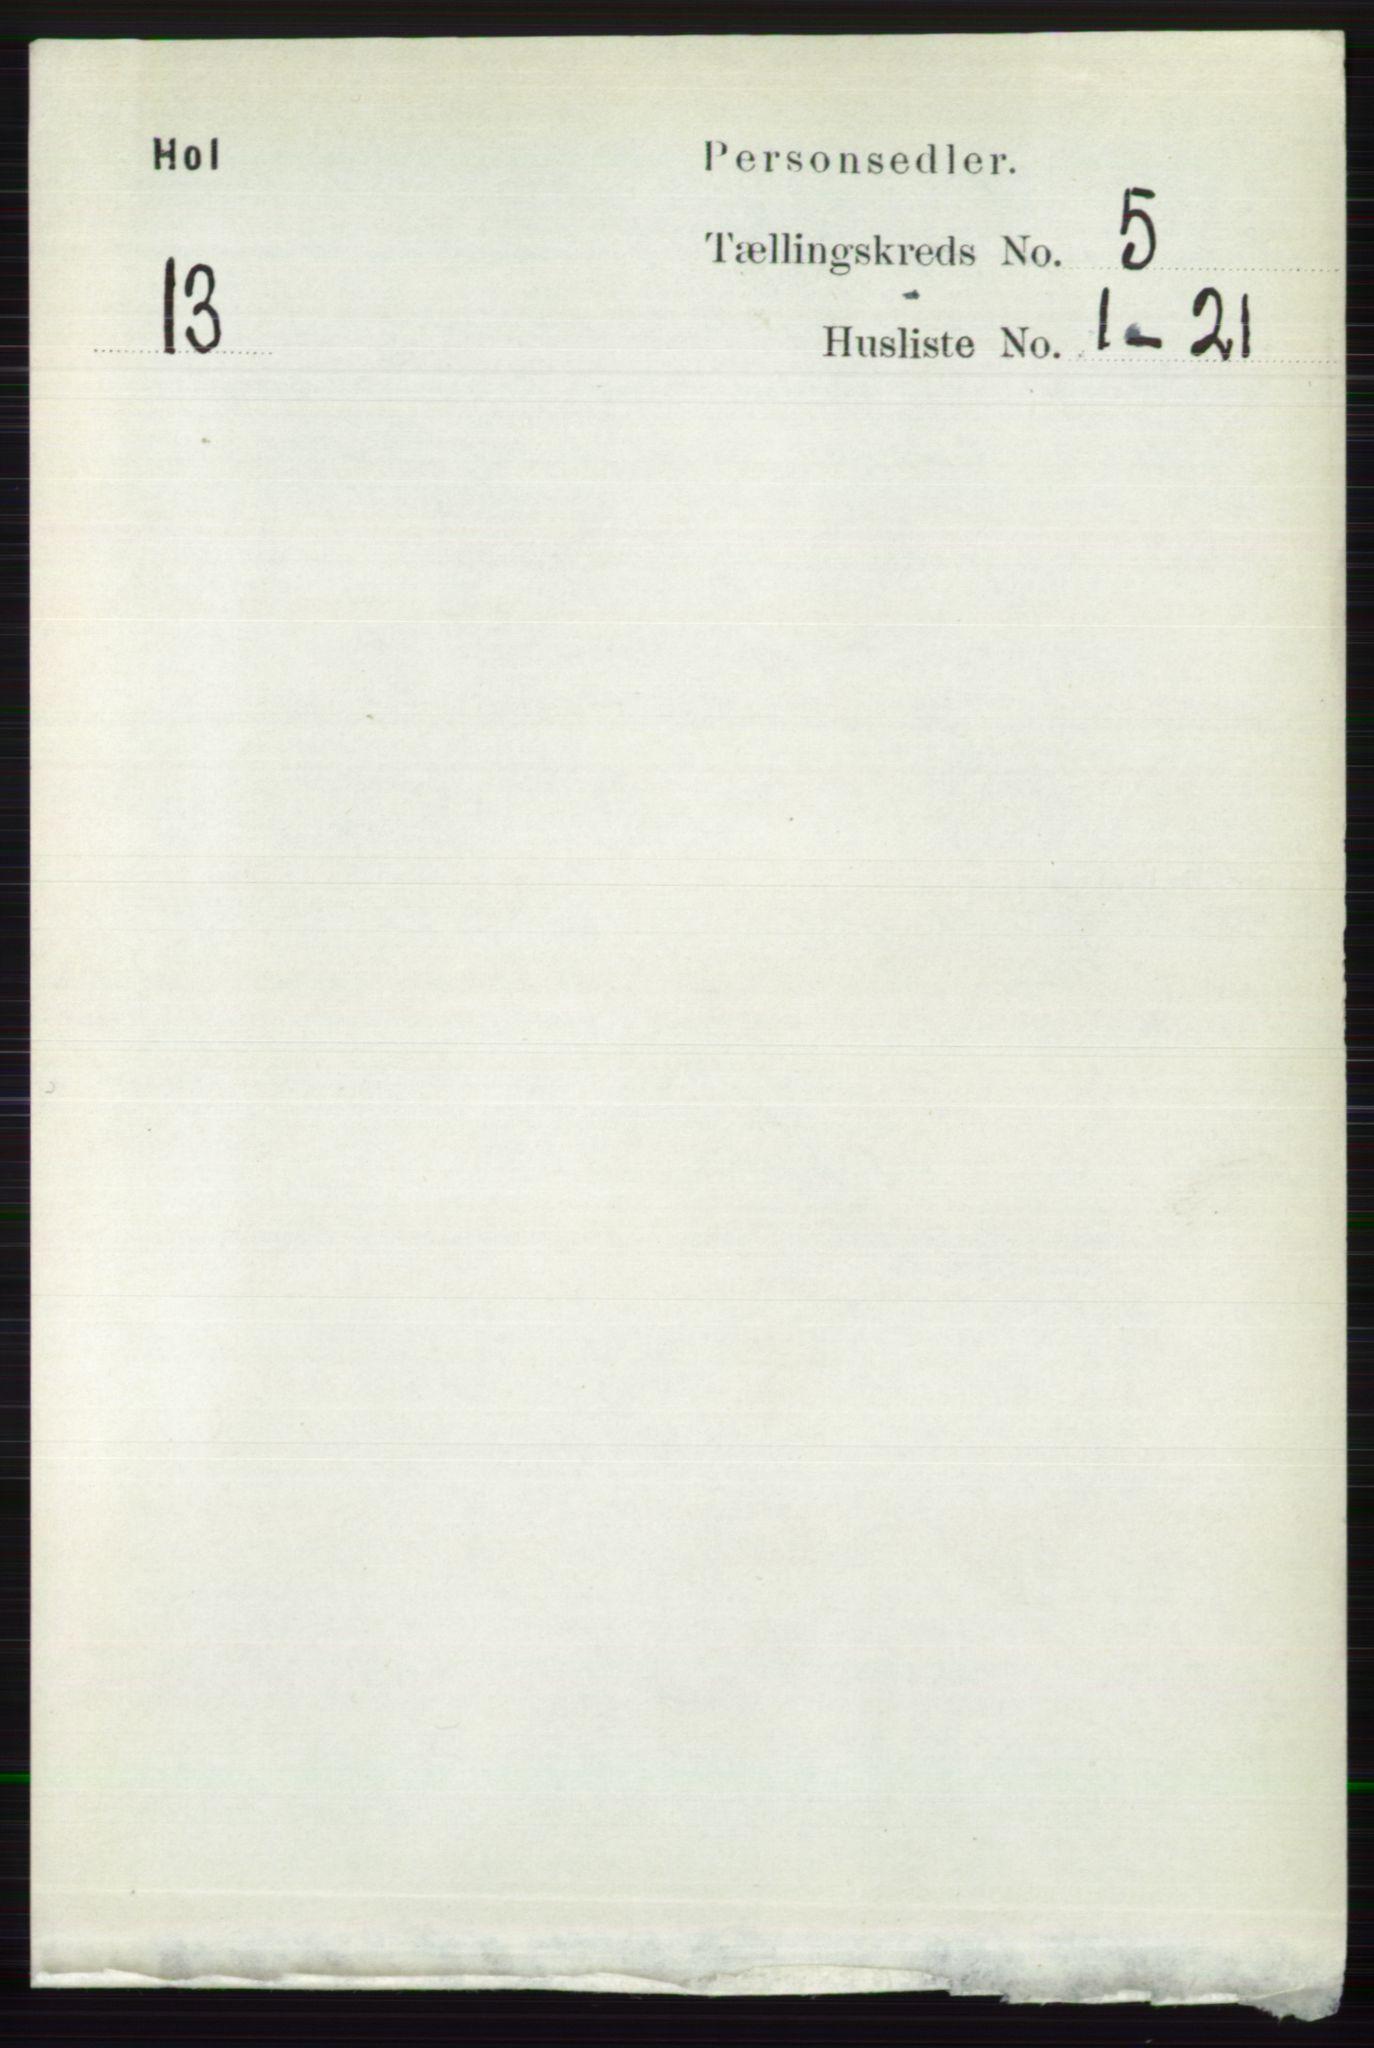 RA, Folketelling 1891 for 0620 Hol herred, 1891, s. 1464